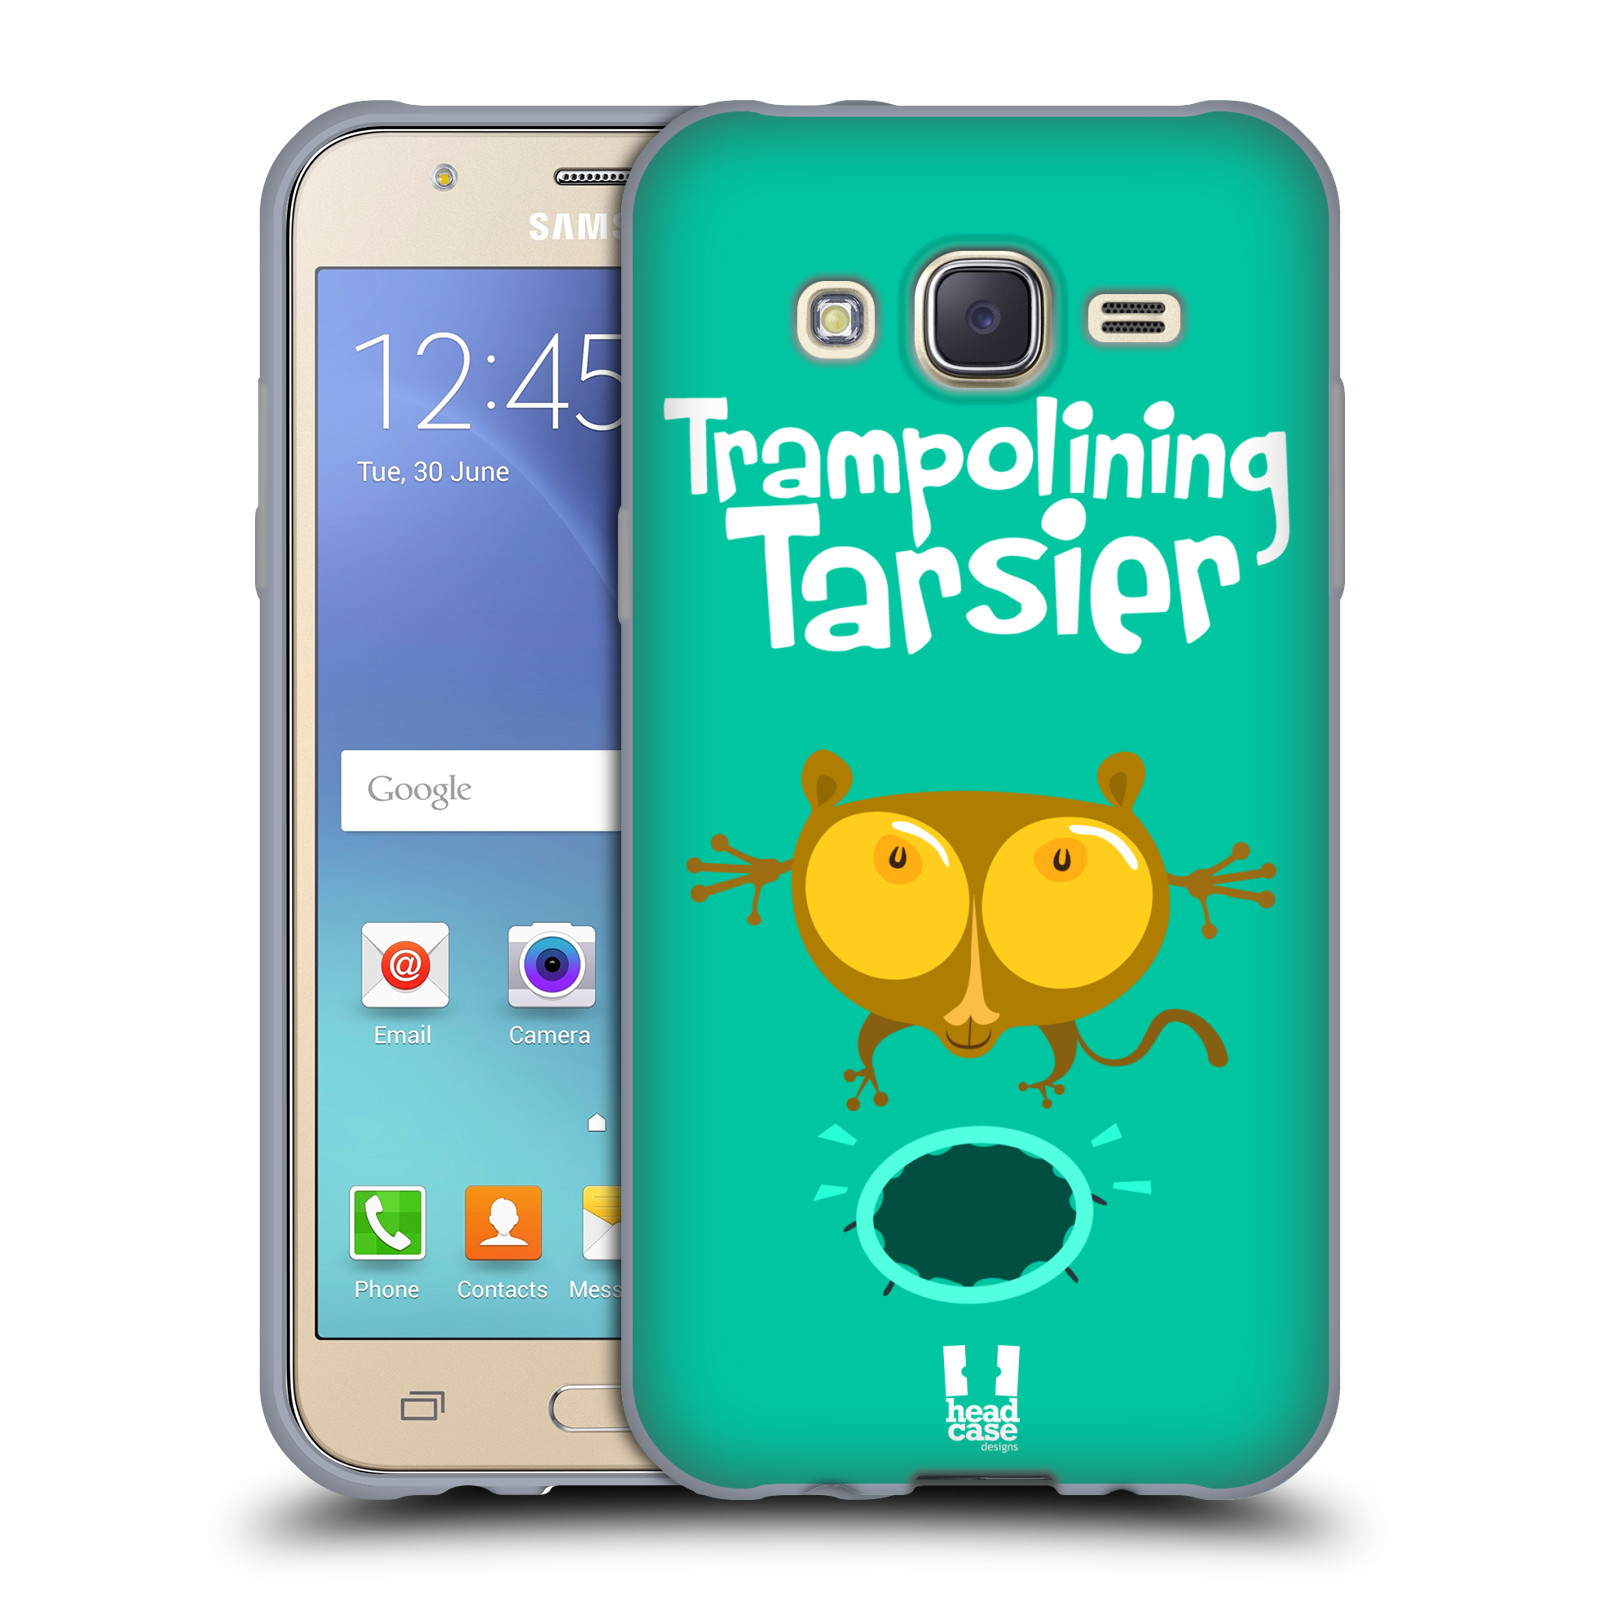 HEAD CASE silikonový obal na mobil Samsung Galaxy J5, J500, (J5 DUOS) vzor Zvířátka atleti TARSIER (Nártoun)